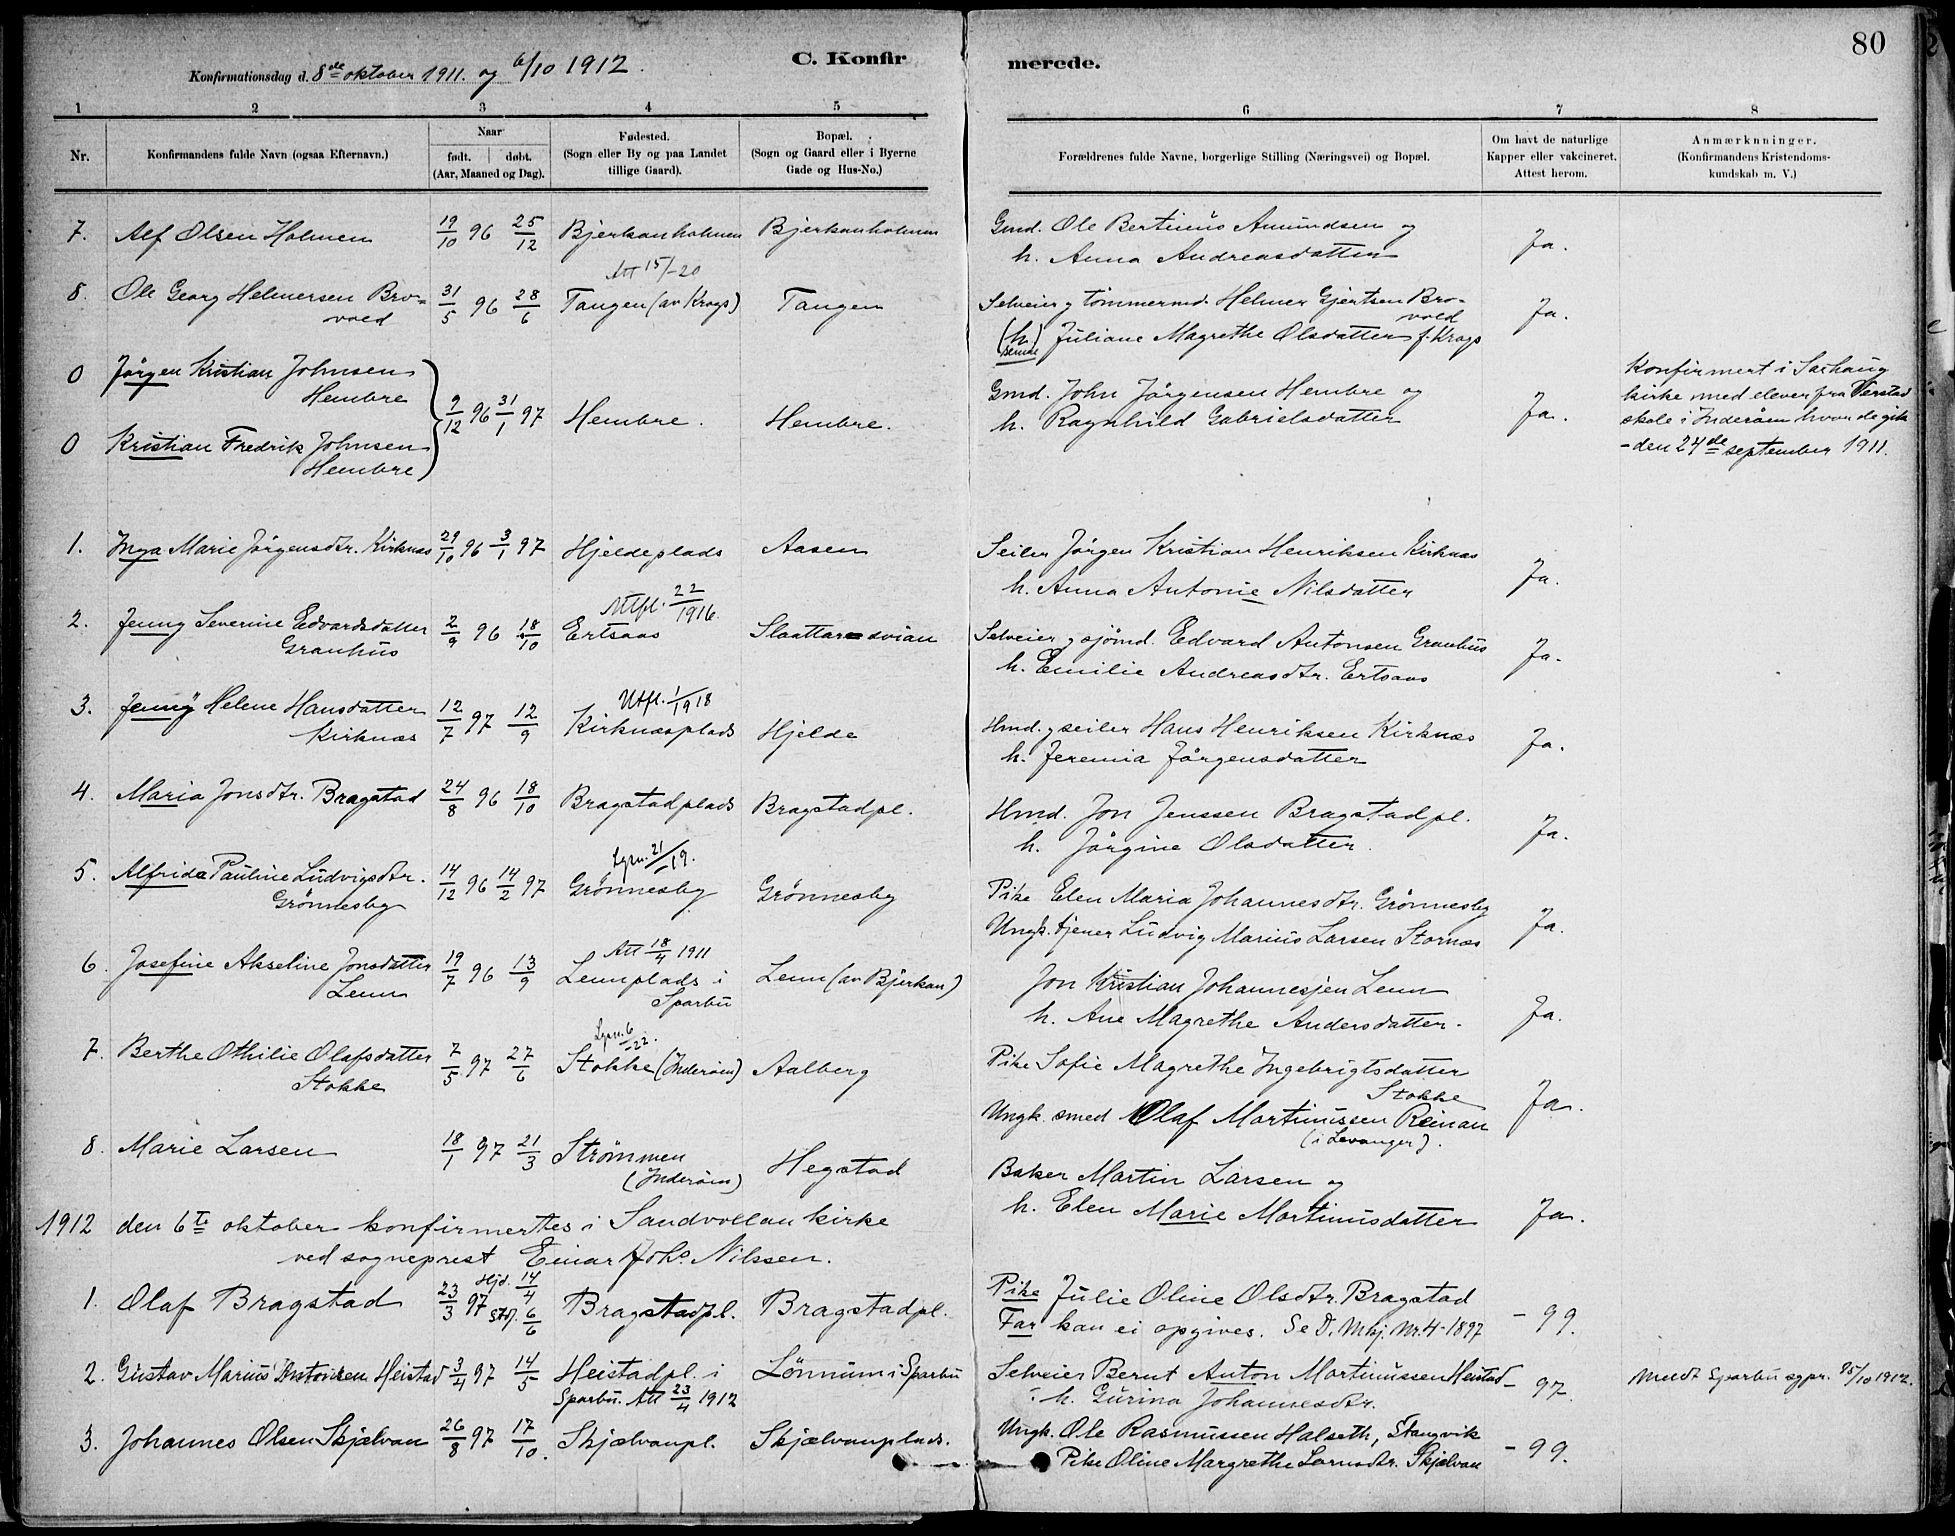 SAT, Ministerialprotokoller, klokkerbøker og fødselsregistre - Nord-Trøndelag, 732/L0316: Ministerialbok nr. 732A01, 1879-1921, s. 80